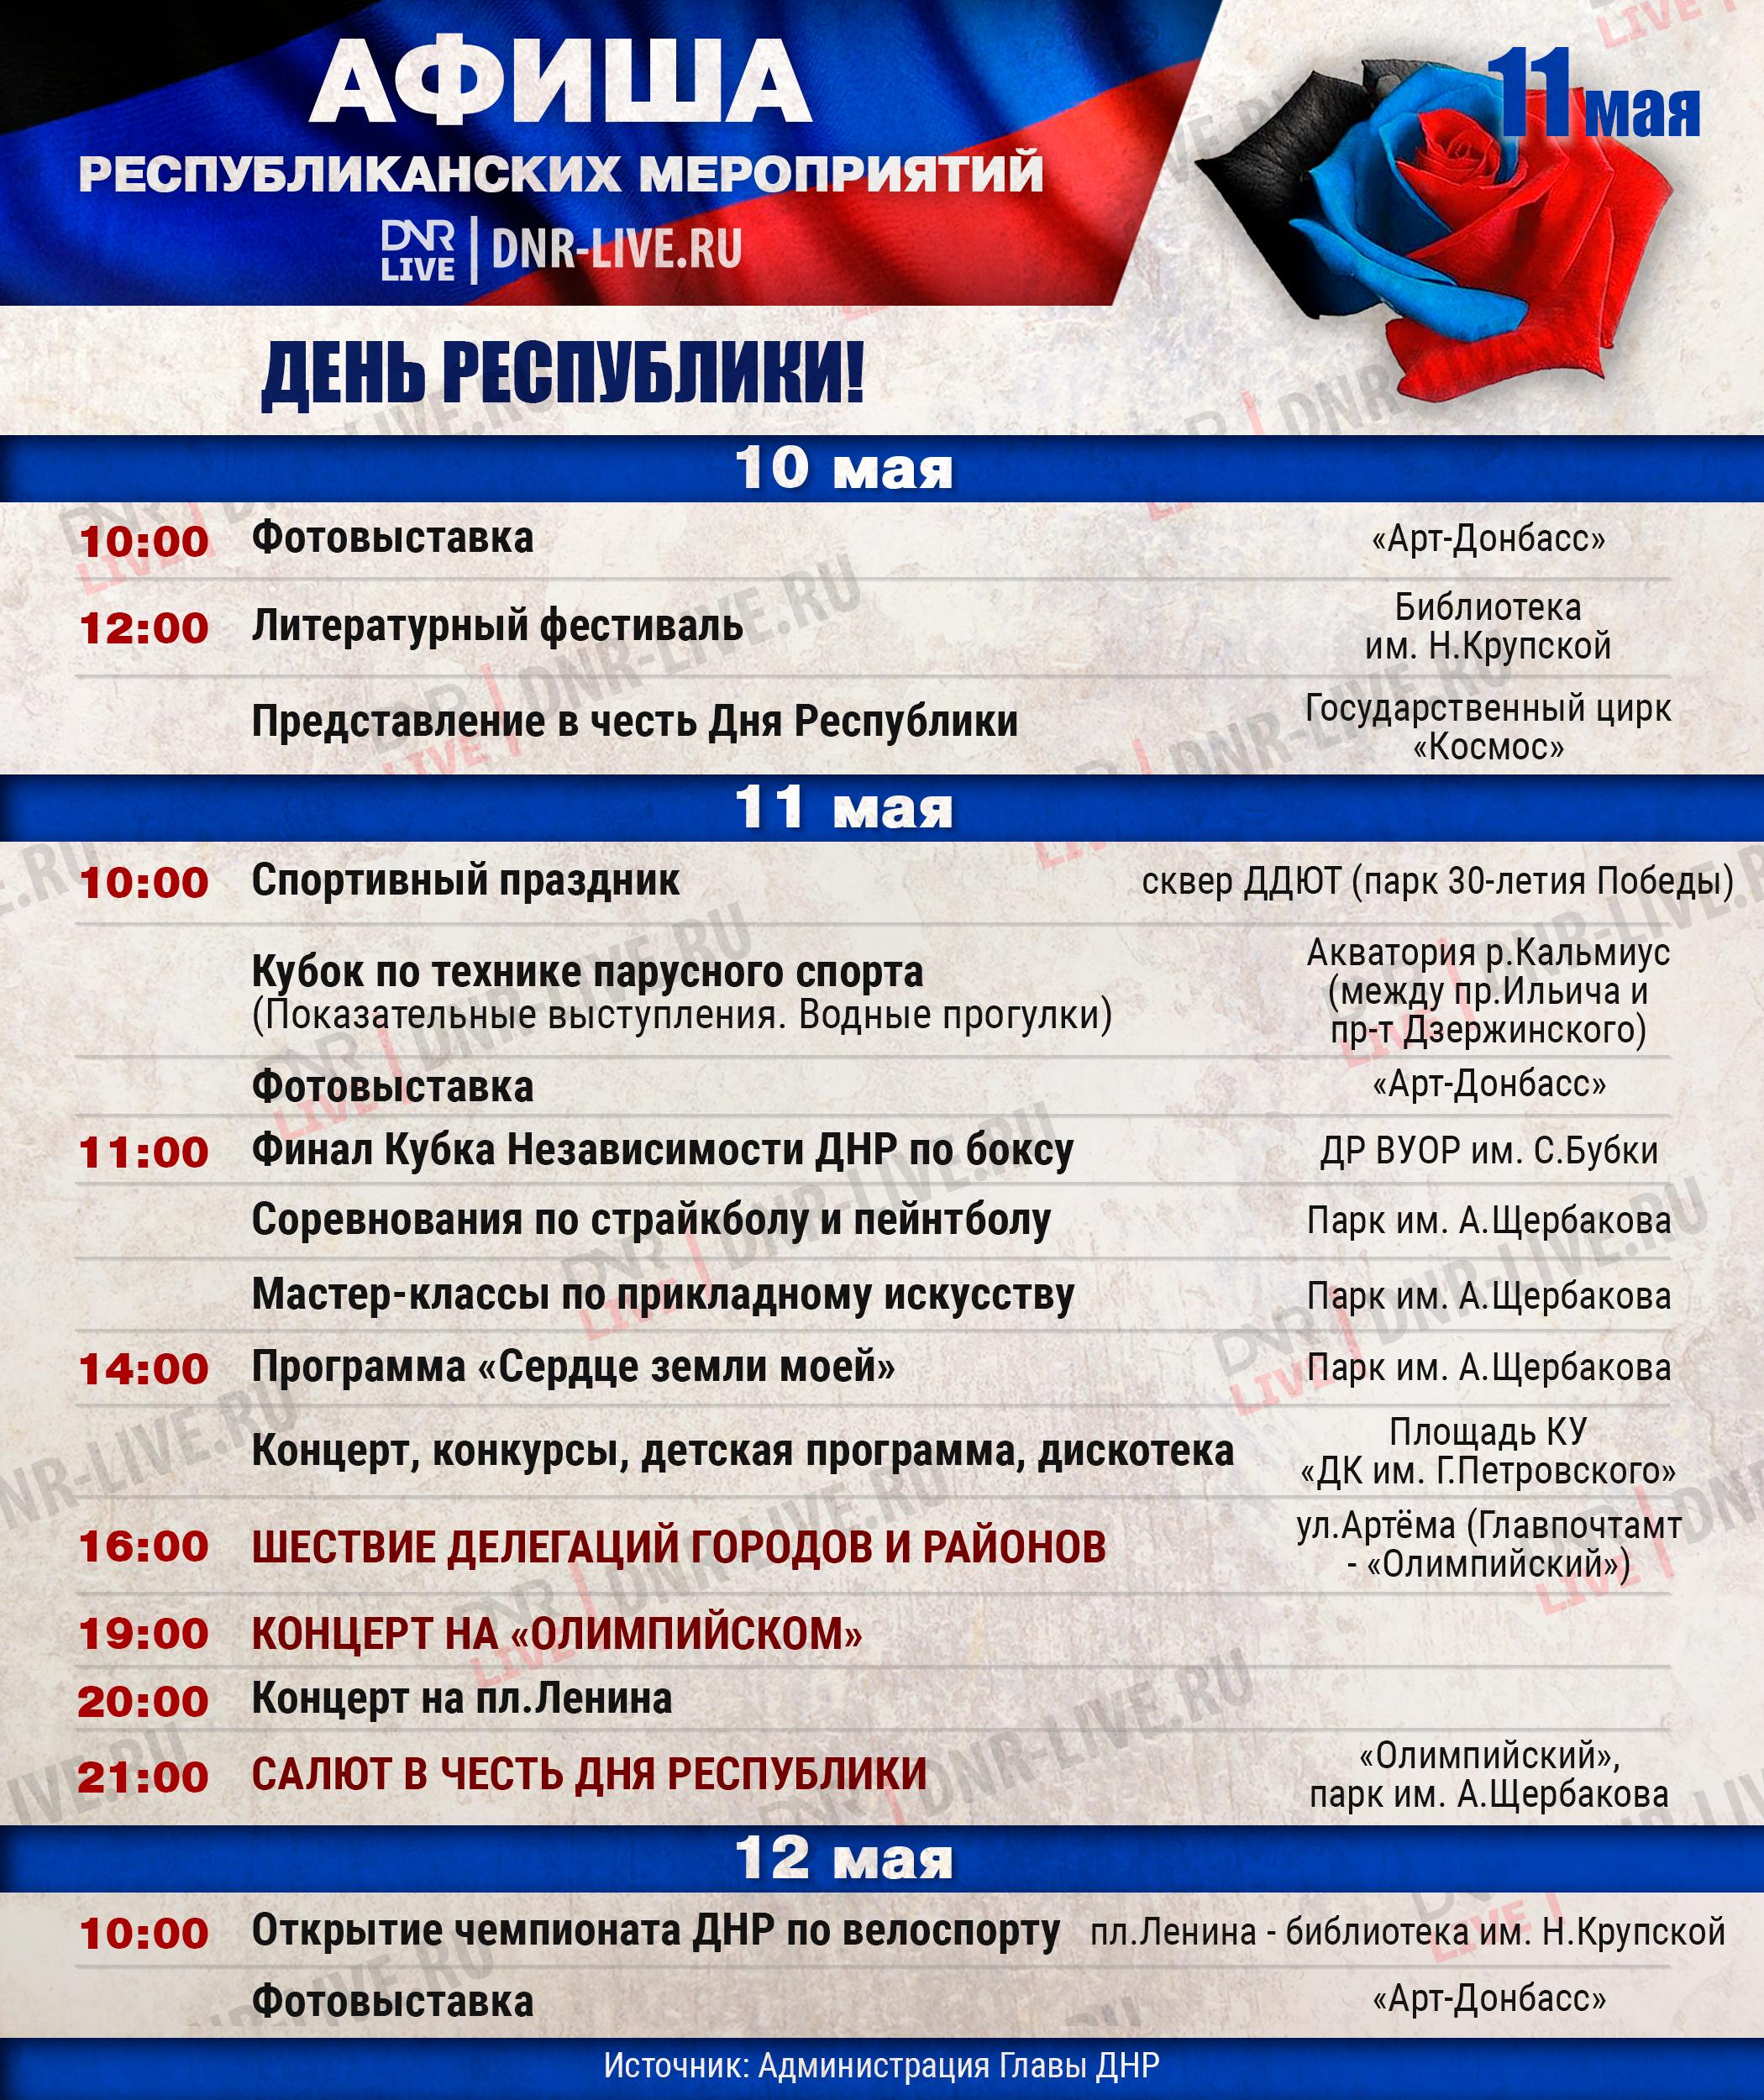 Афиша--11-МАЯ